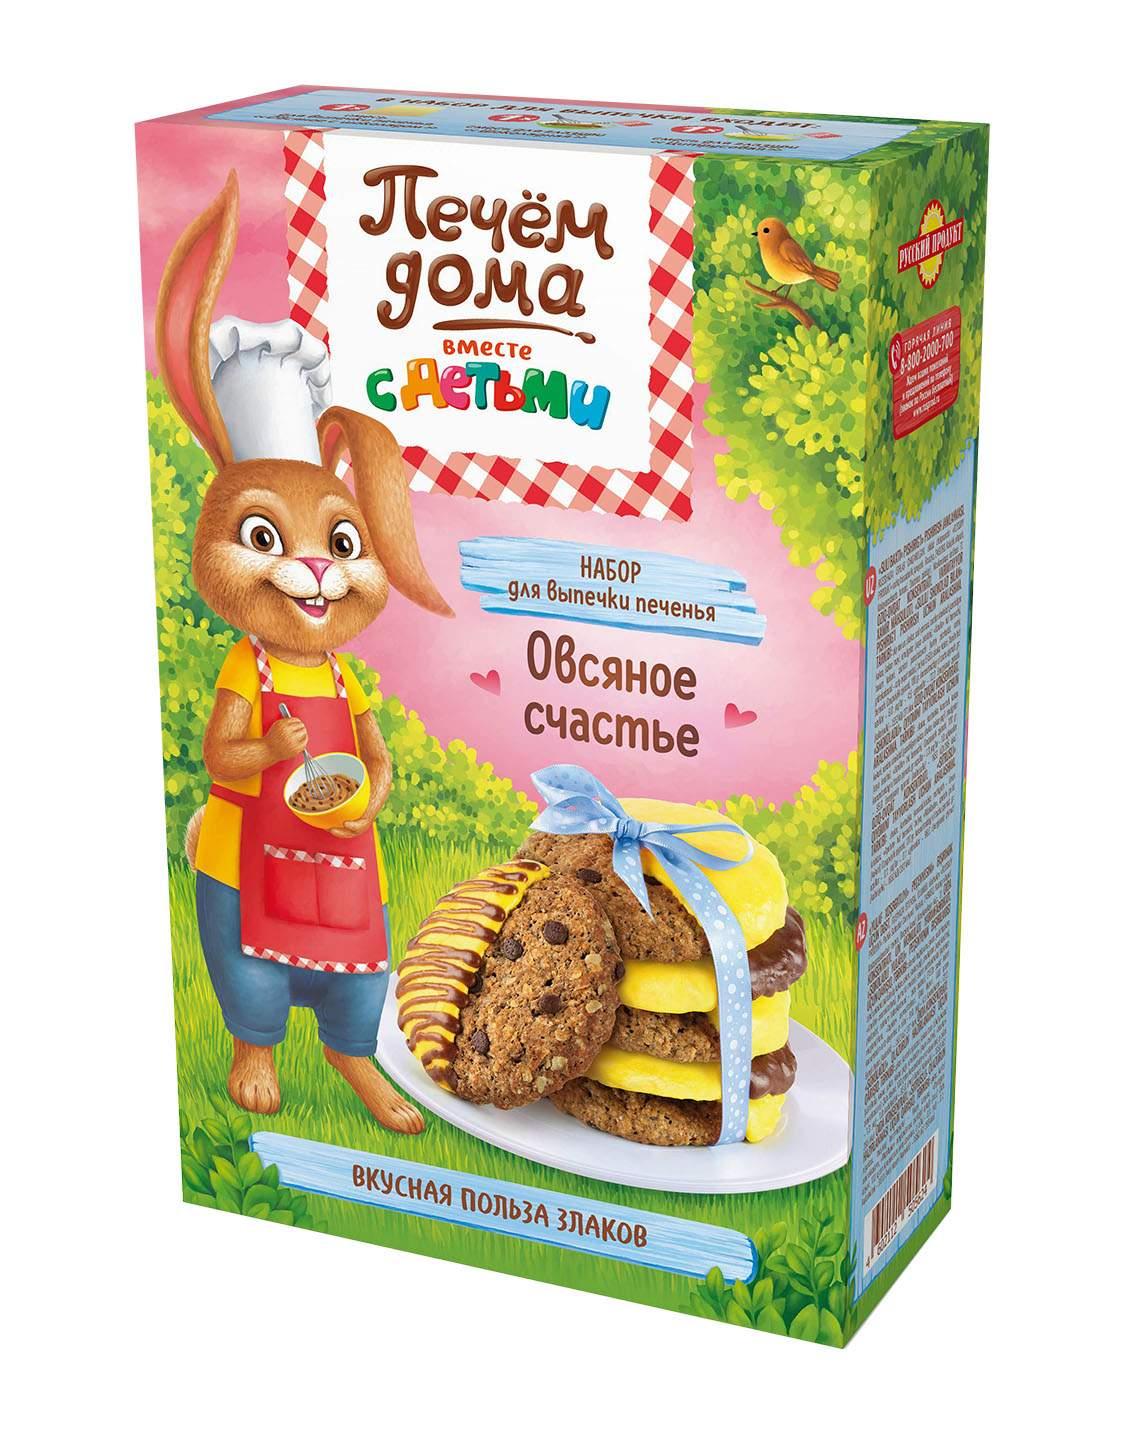 Набор для выпечки печенья Печем дома овсяное счастье смесь глазурь 300 г